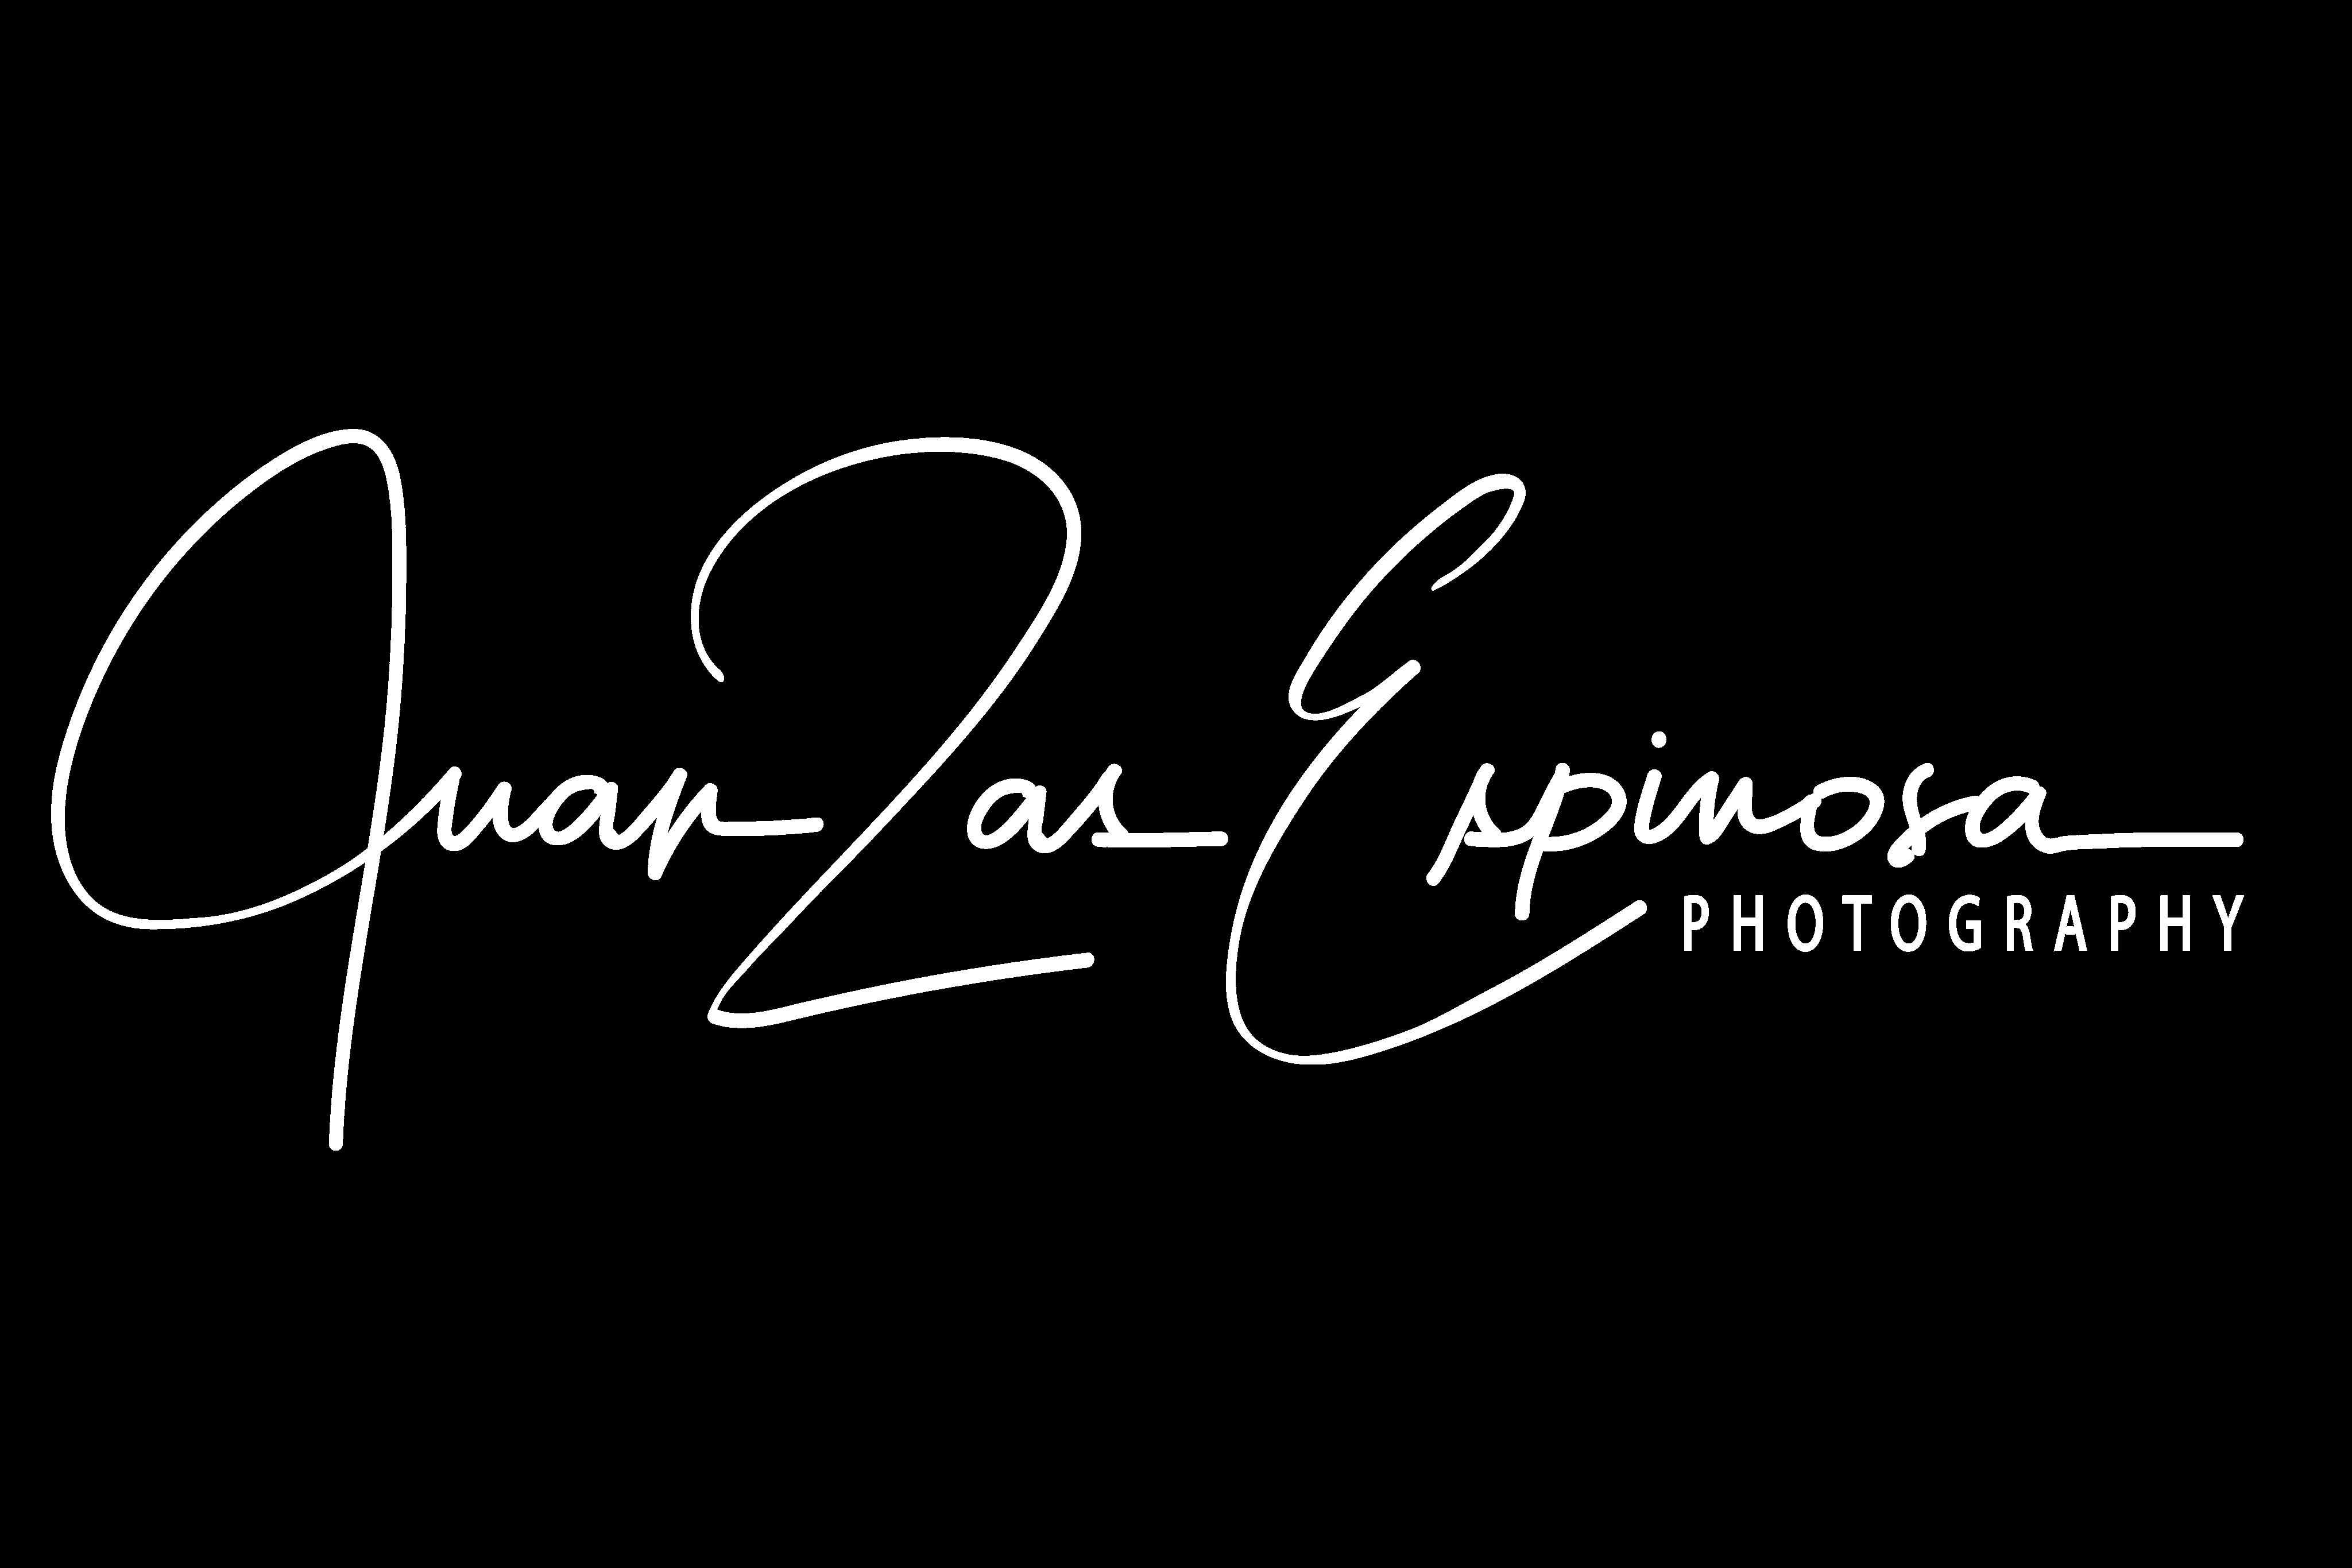 Juan Zas Espinosa